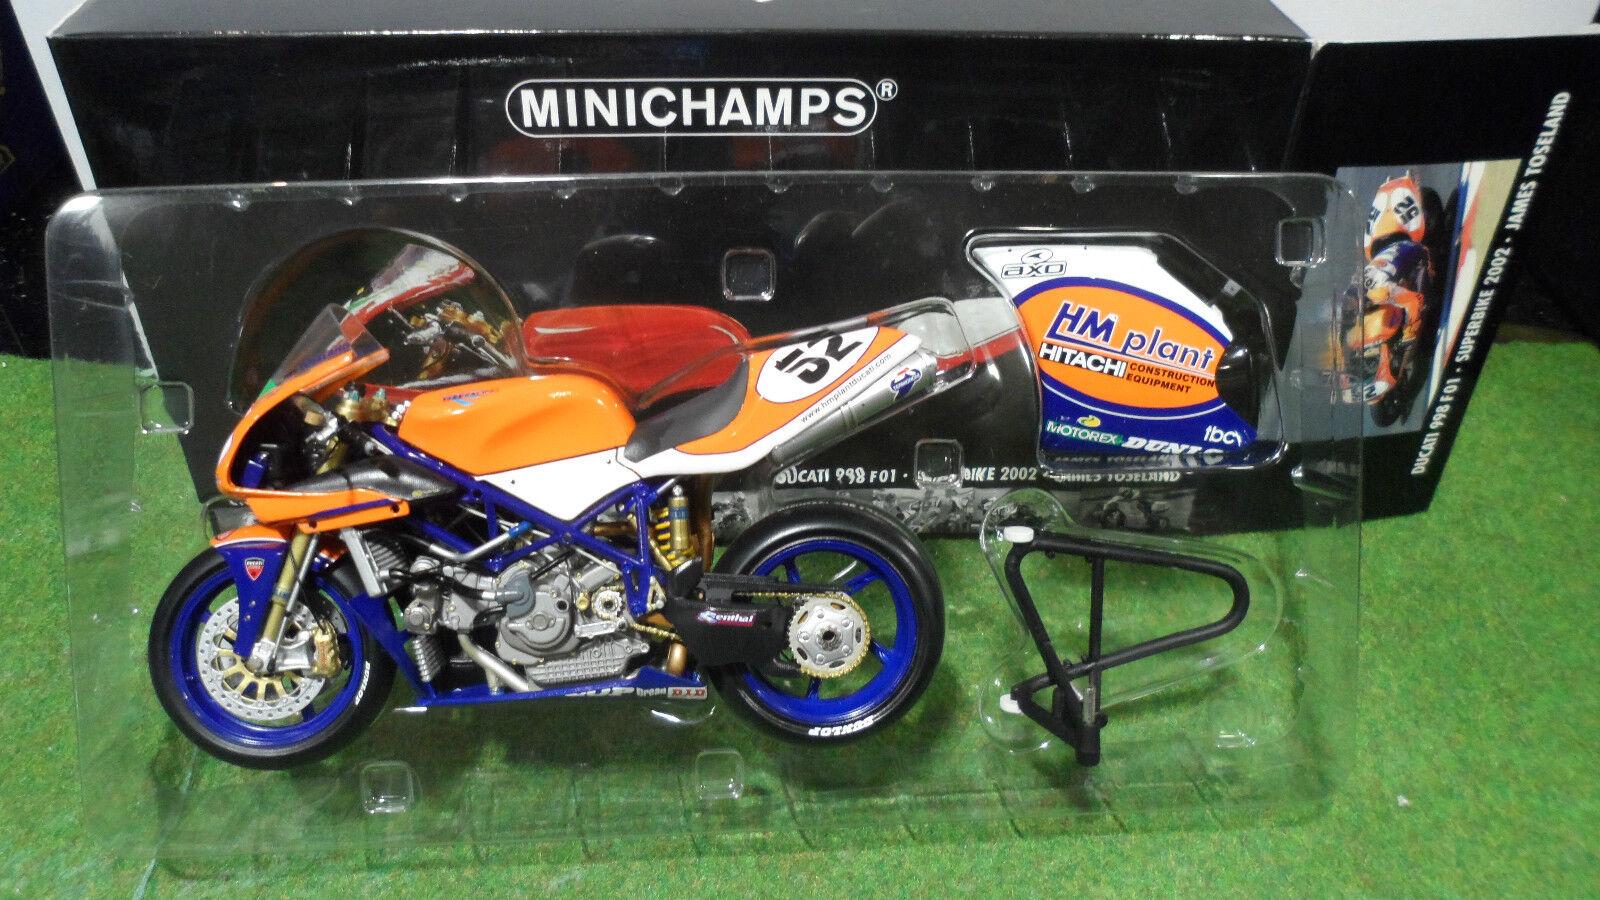 servicio de primera clase MOTO DUCATI 998 F01 WSB 2002 súperBIKE 1 12 12 12 Minichamps 122021252 miniature coll.  centro comercial de moda